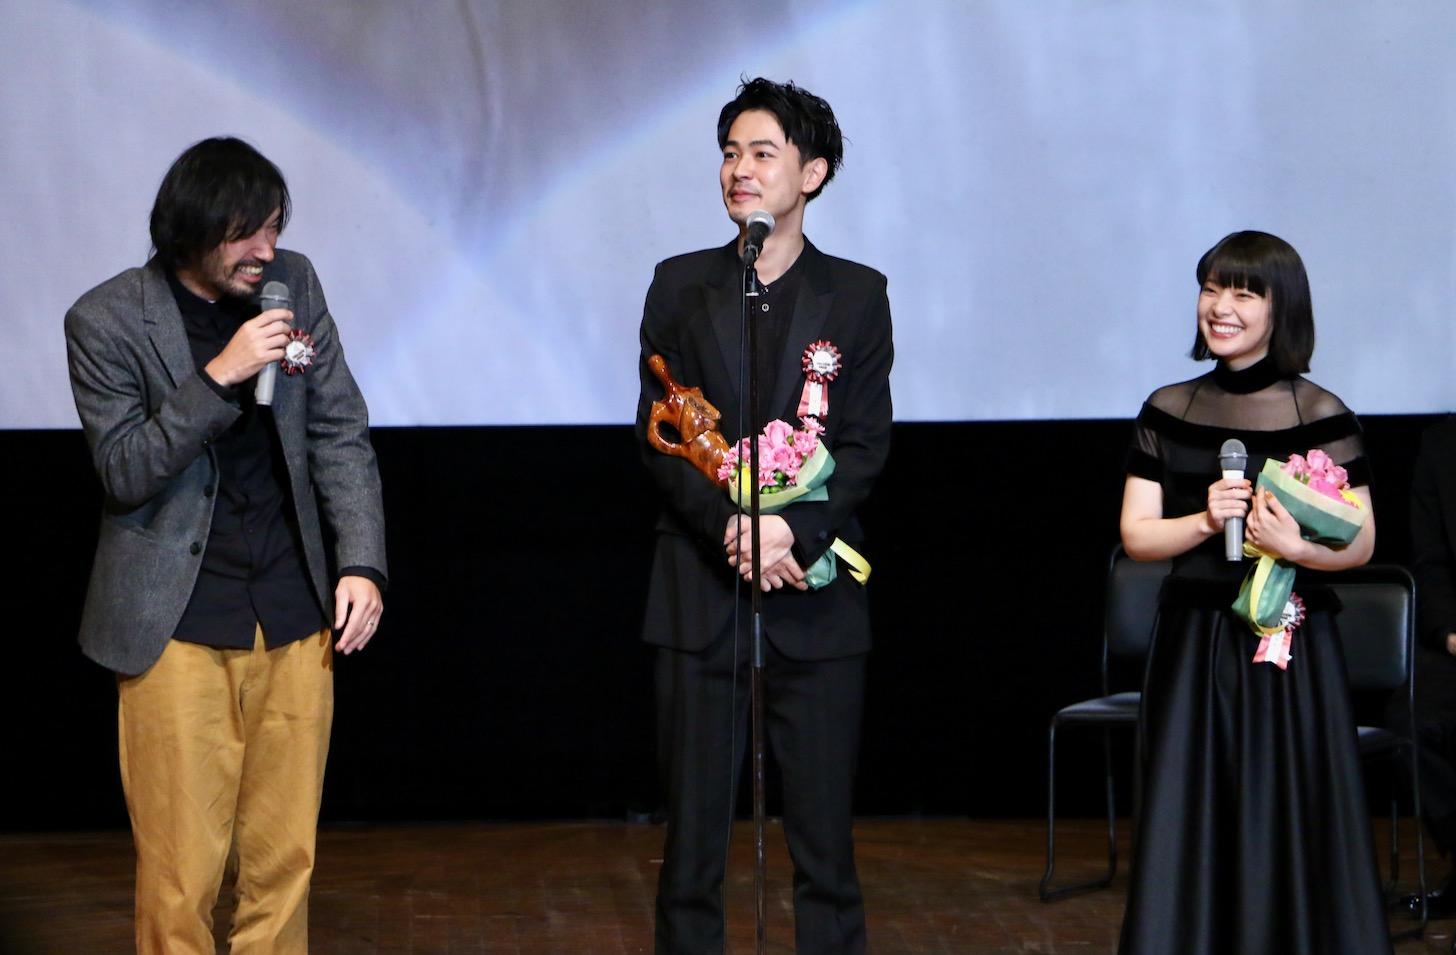 サプライズで登場した今泉力哉監督(左)と成田凌さん、岸井ゆきのさん 第11回TAMA映画賞授賞式(C)多摩ポン